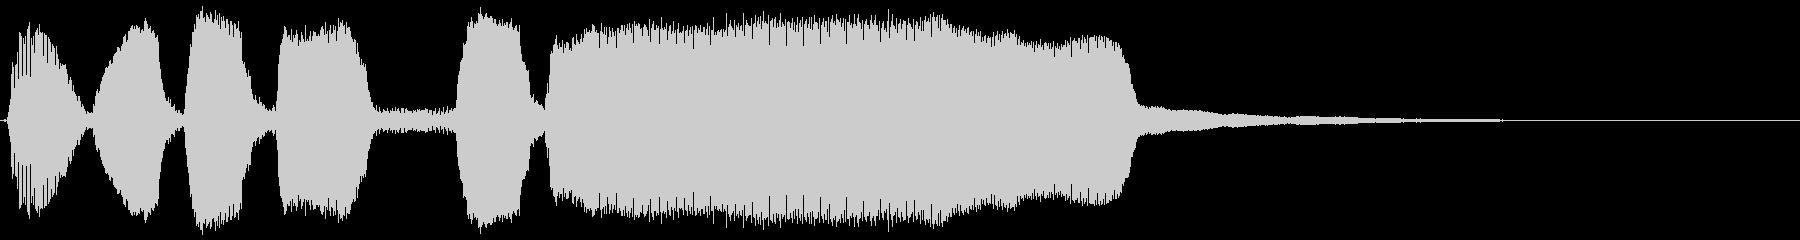 トランペット/2重奏・達成・やったぜの未再生の波形